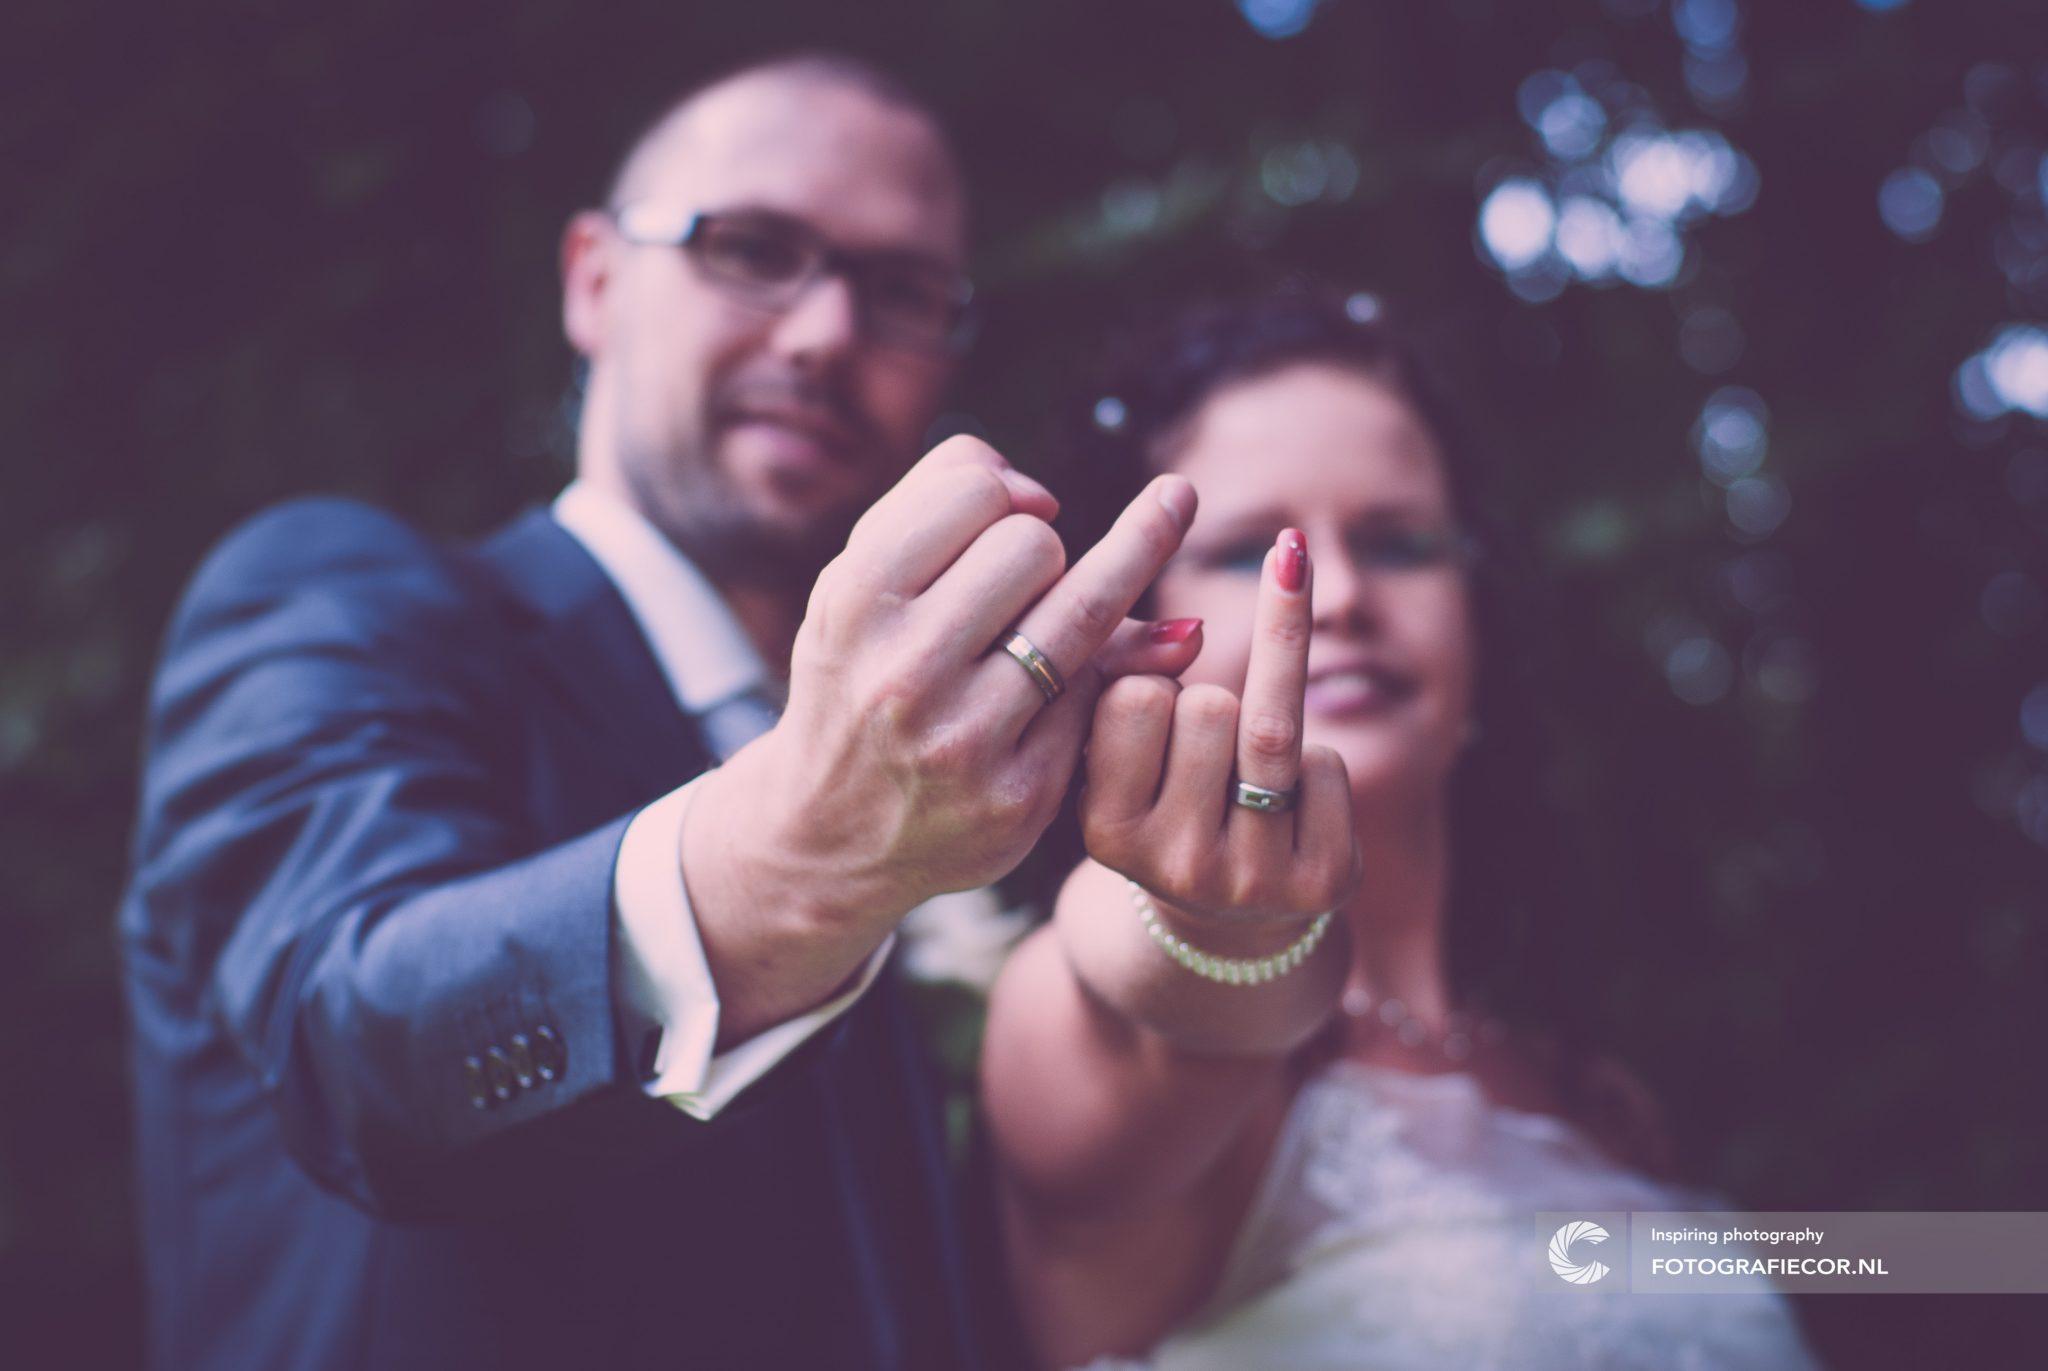 Humor | Bruiloft | bruiloft foto's | bruiloft fotograaf | buiten trouwen | checklist trouwen | trouwfoto's | trouwlocaties | trouwreportage